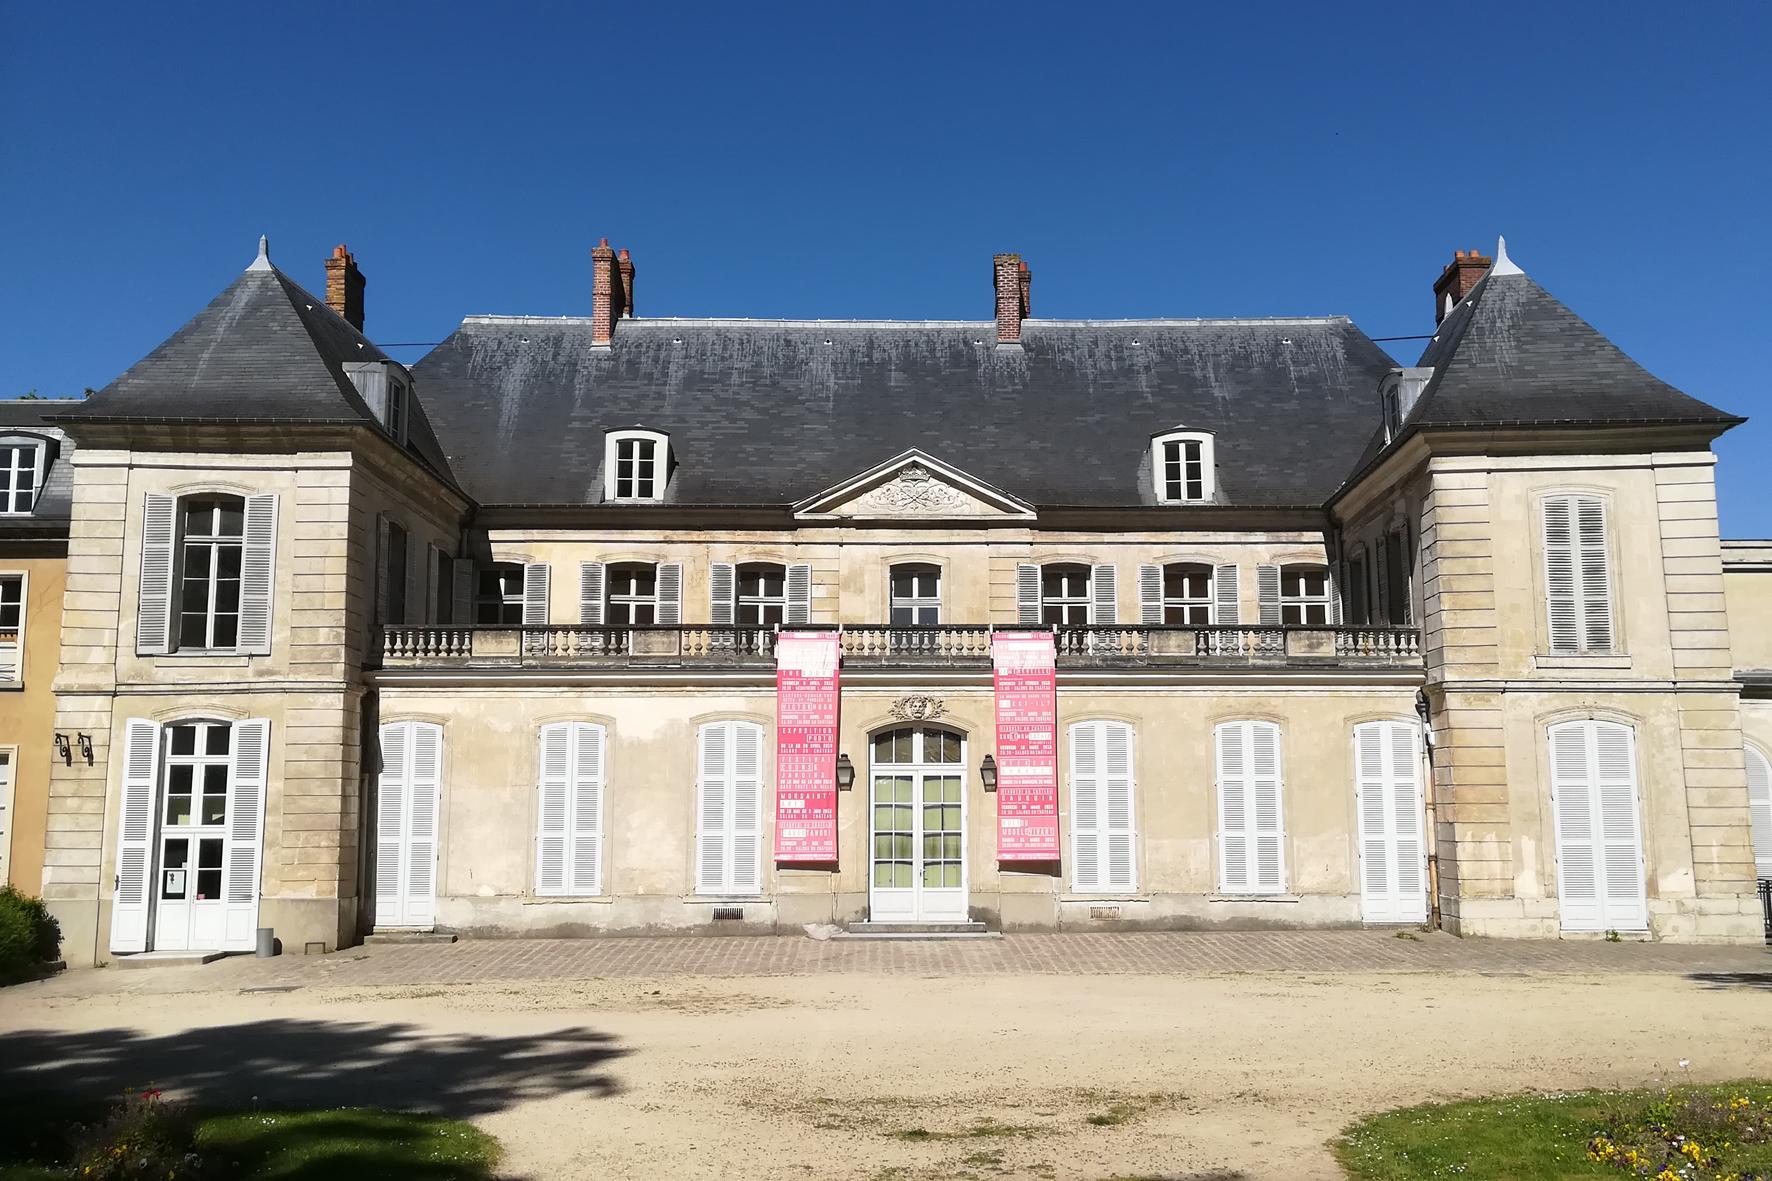 École Municipale d'Arts Plastiques de Morsang-sur-Orge